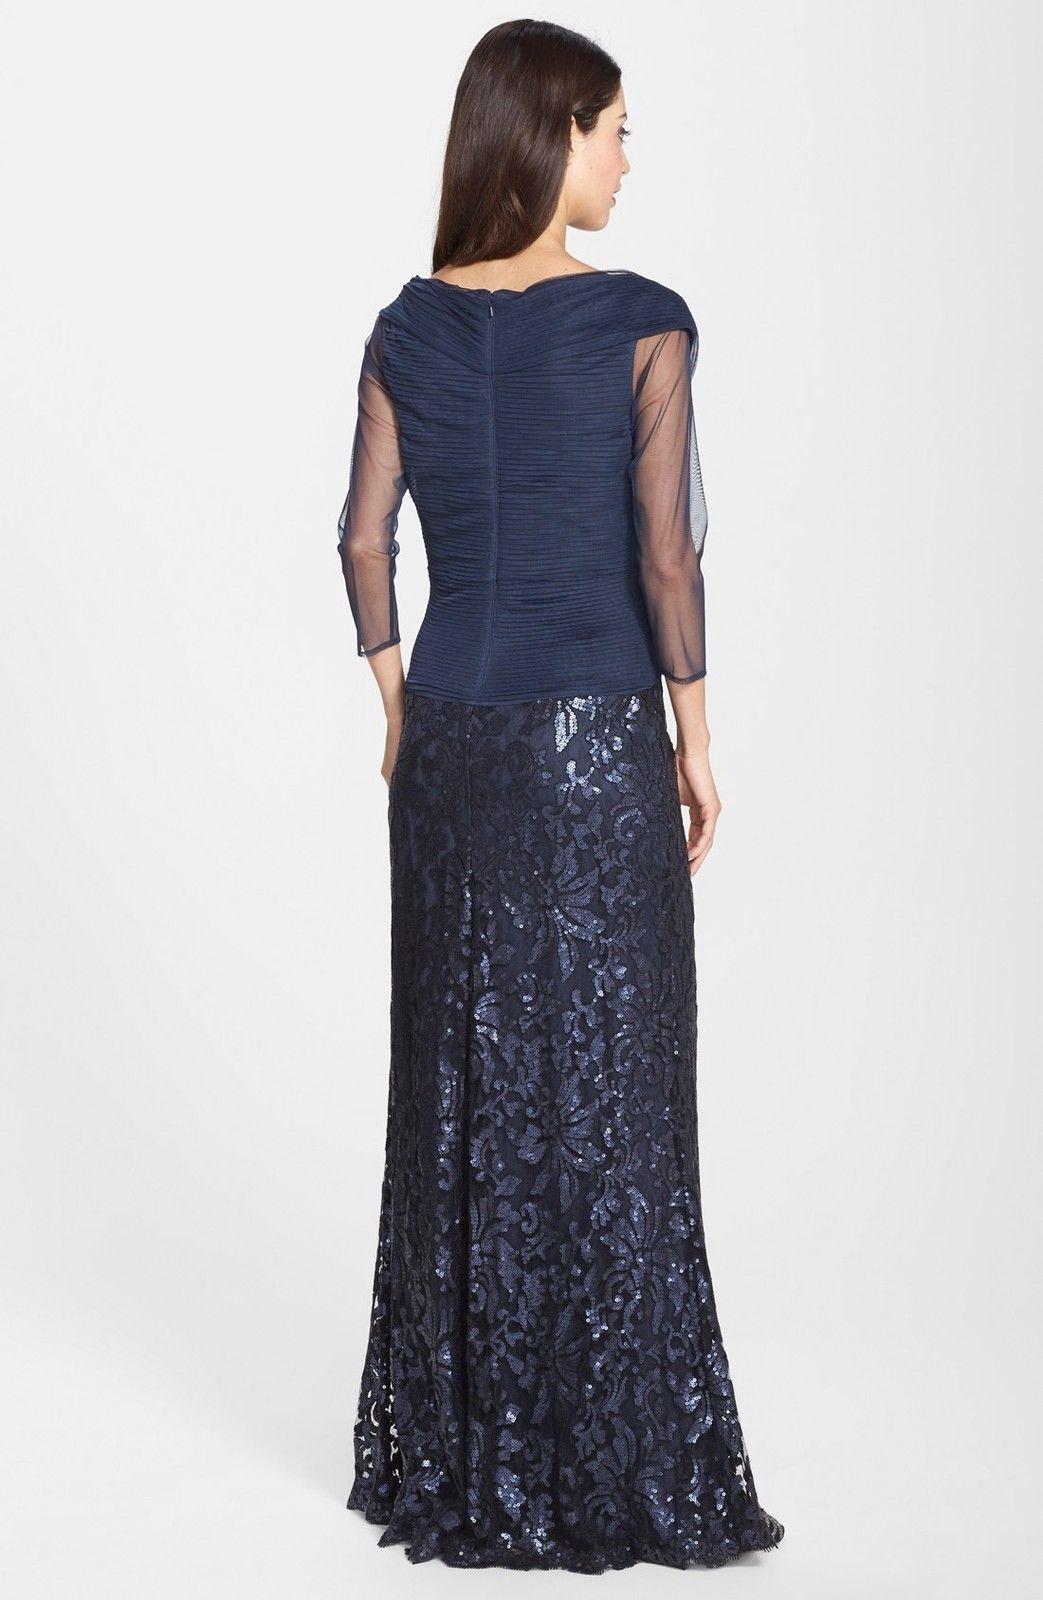 Tadashi Shoji Pailletten Spitze Abendkleid (Größe 4)       | Starke Hitze- und Abnutzungsbeständigkeit  | Ausgezeichnetes Preis  | Online Outlet Store  | Genial  b5bb12